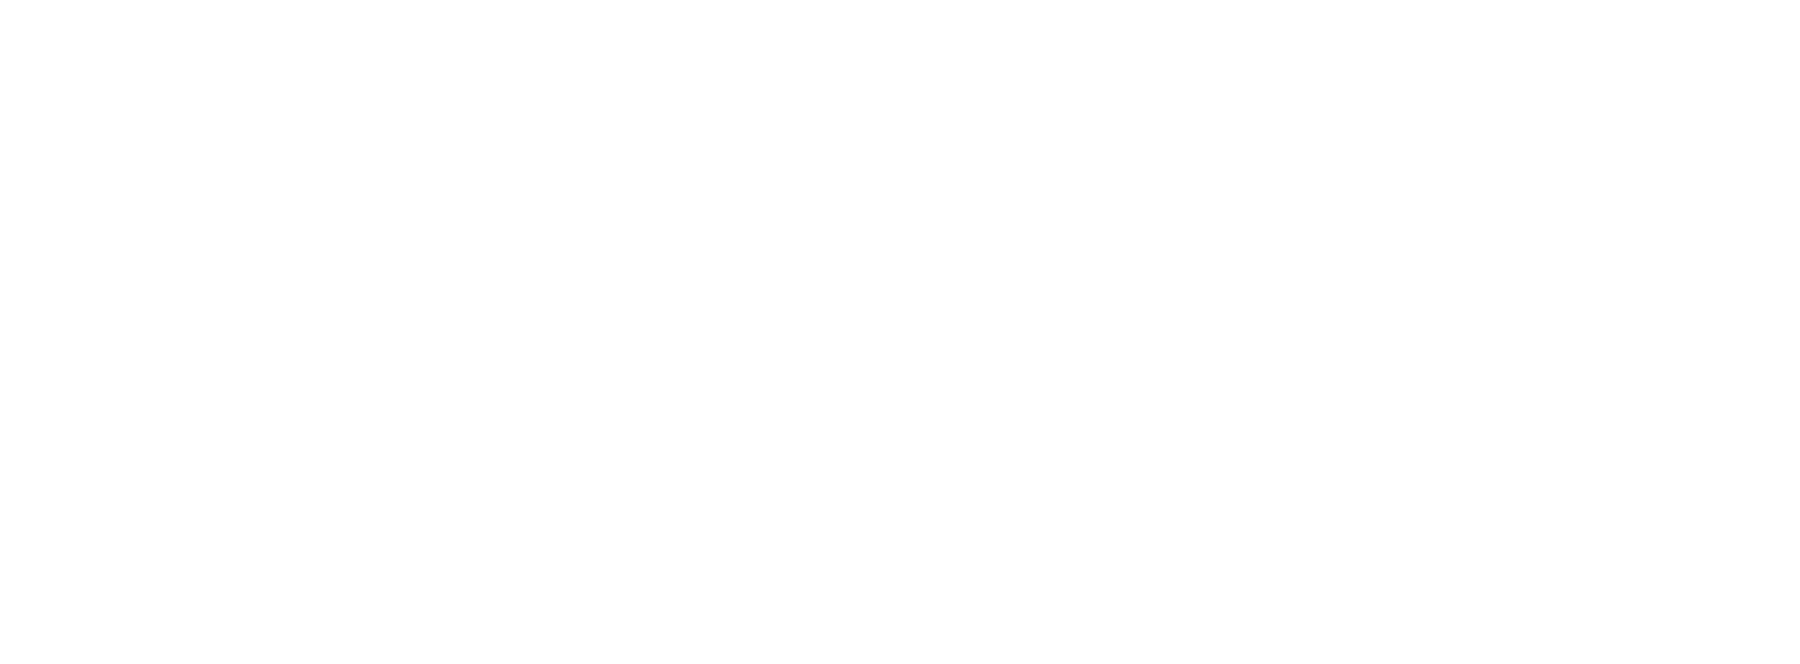 IBM white logo PNG - Logo Ibm PNG